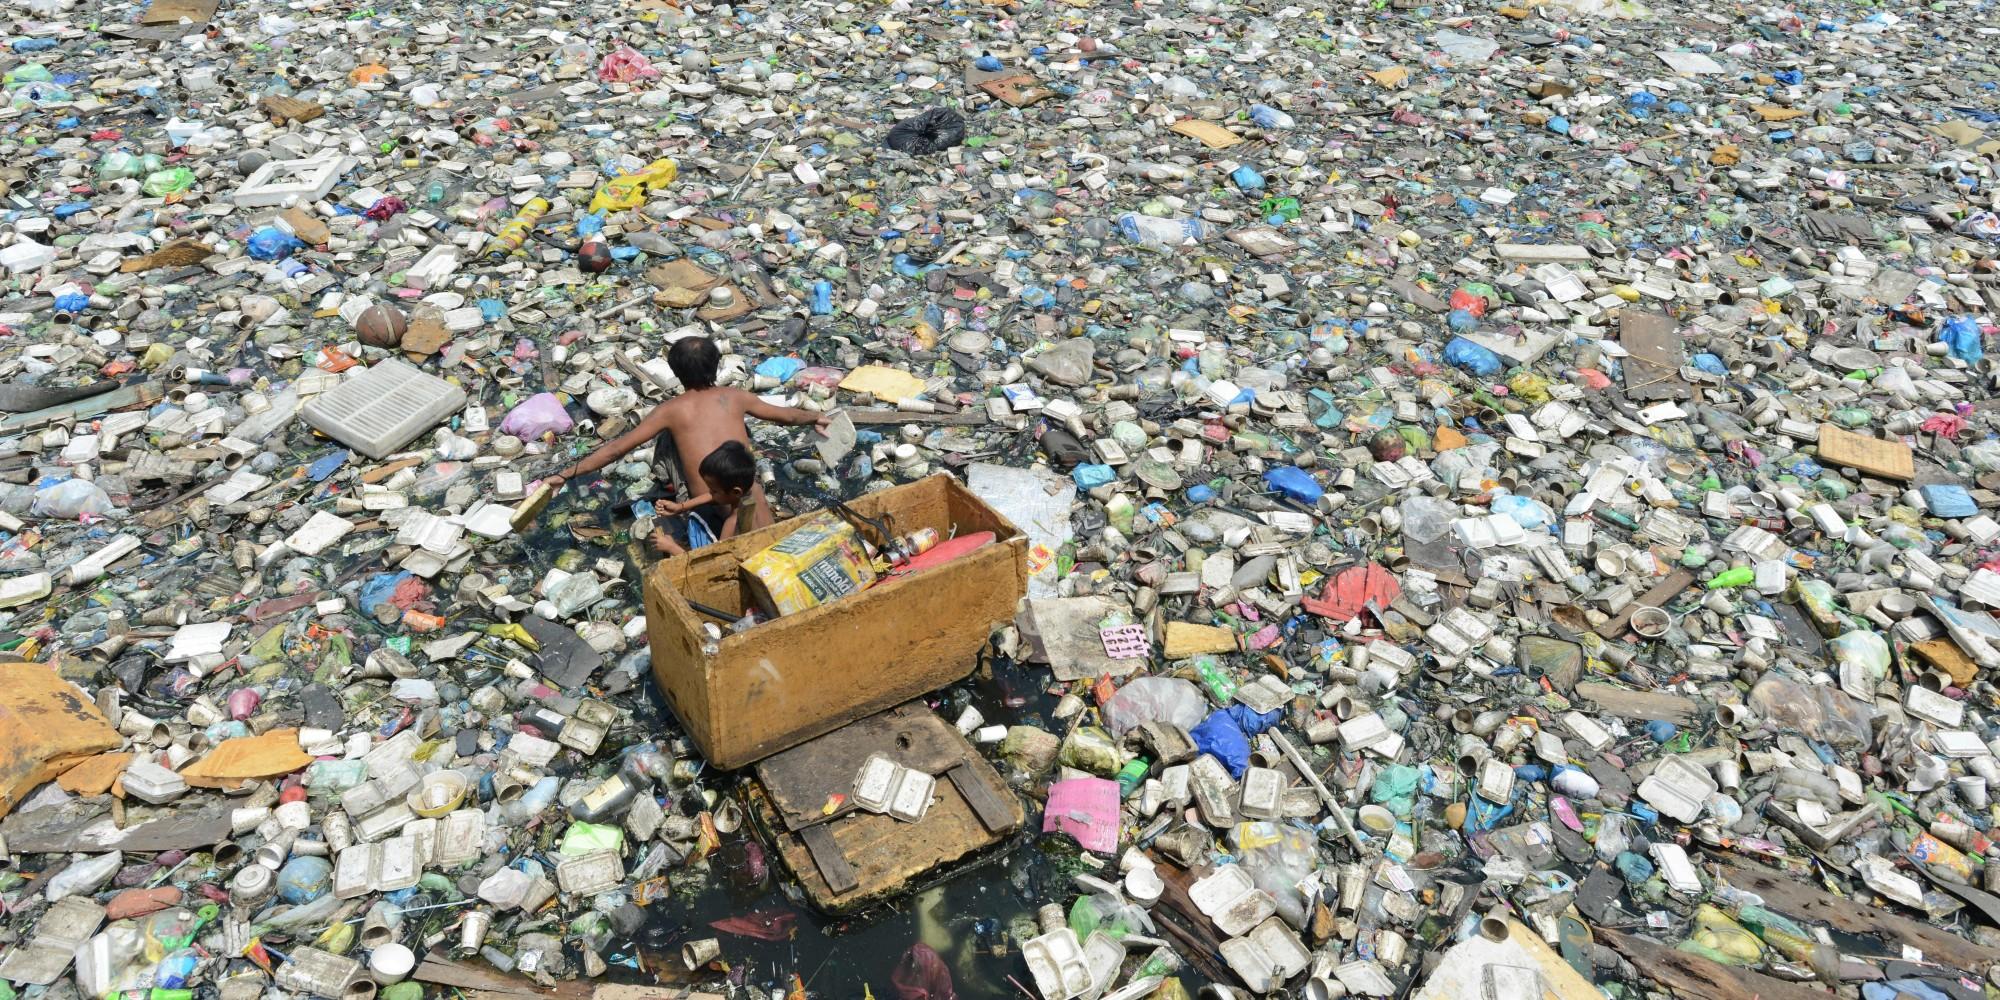 İnsanoğlu Sadece 67 Yılda Tam 9 Milyar Ton Plastik Üretti